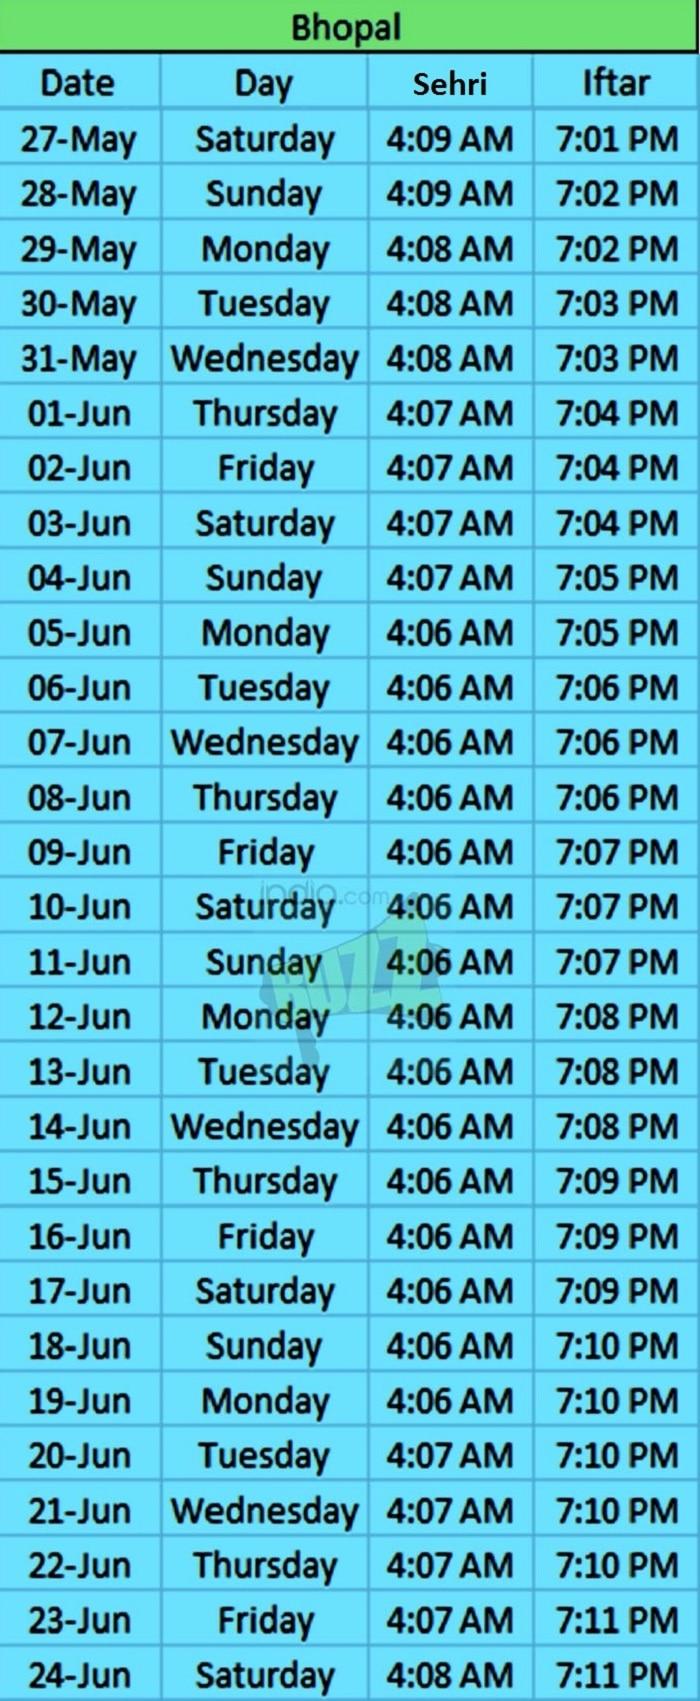 ramadan timing bhopal